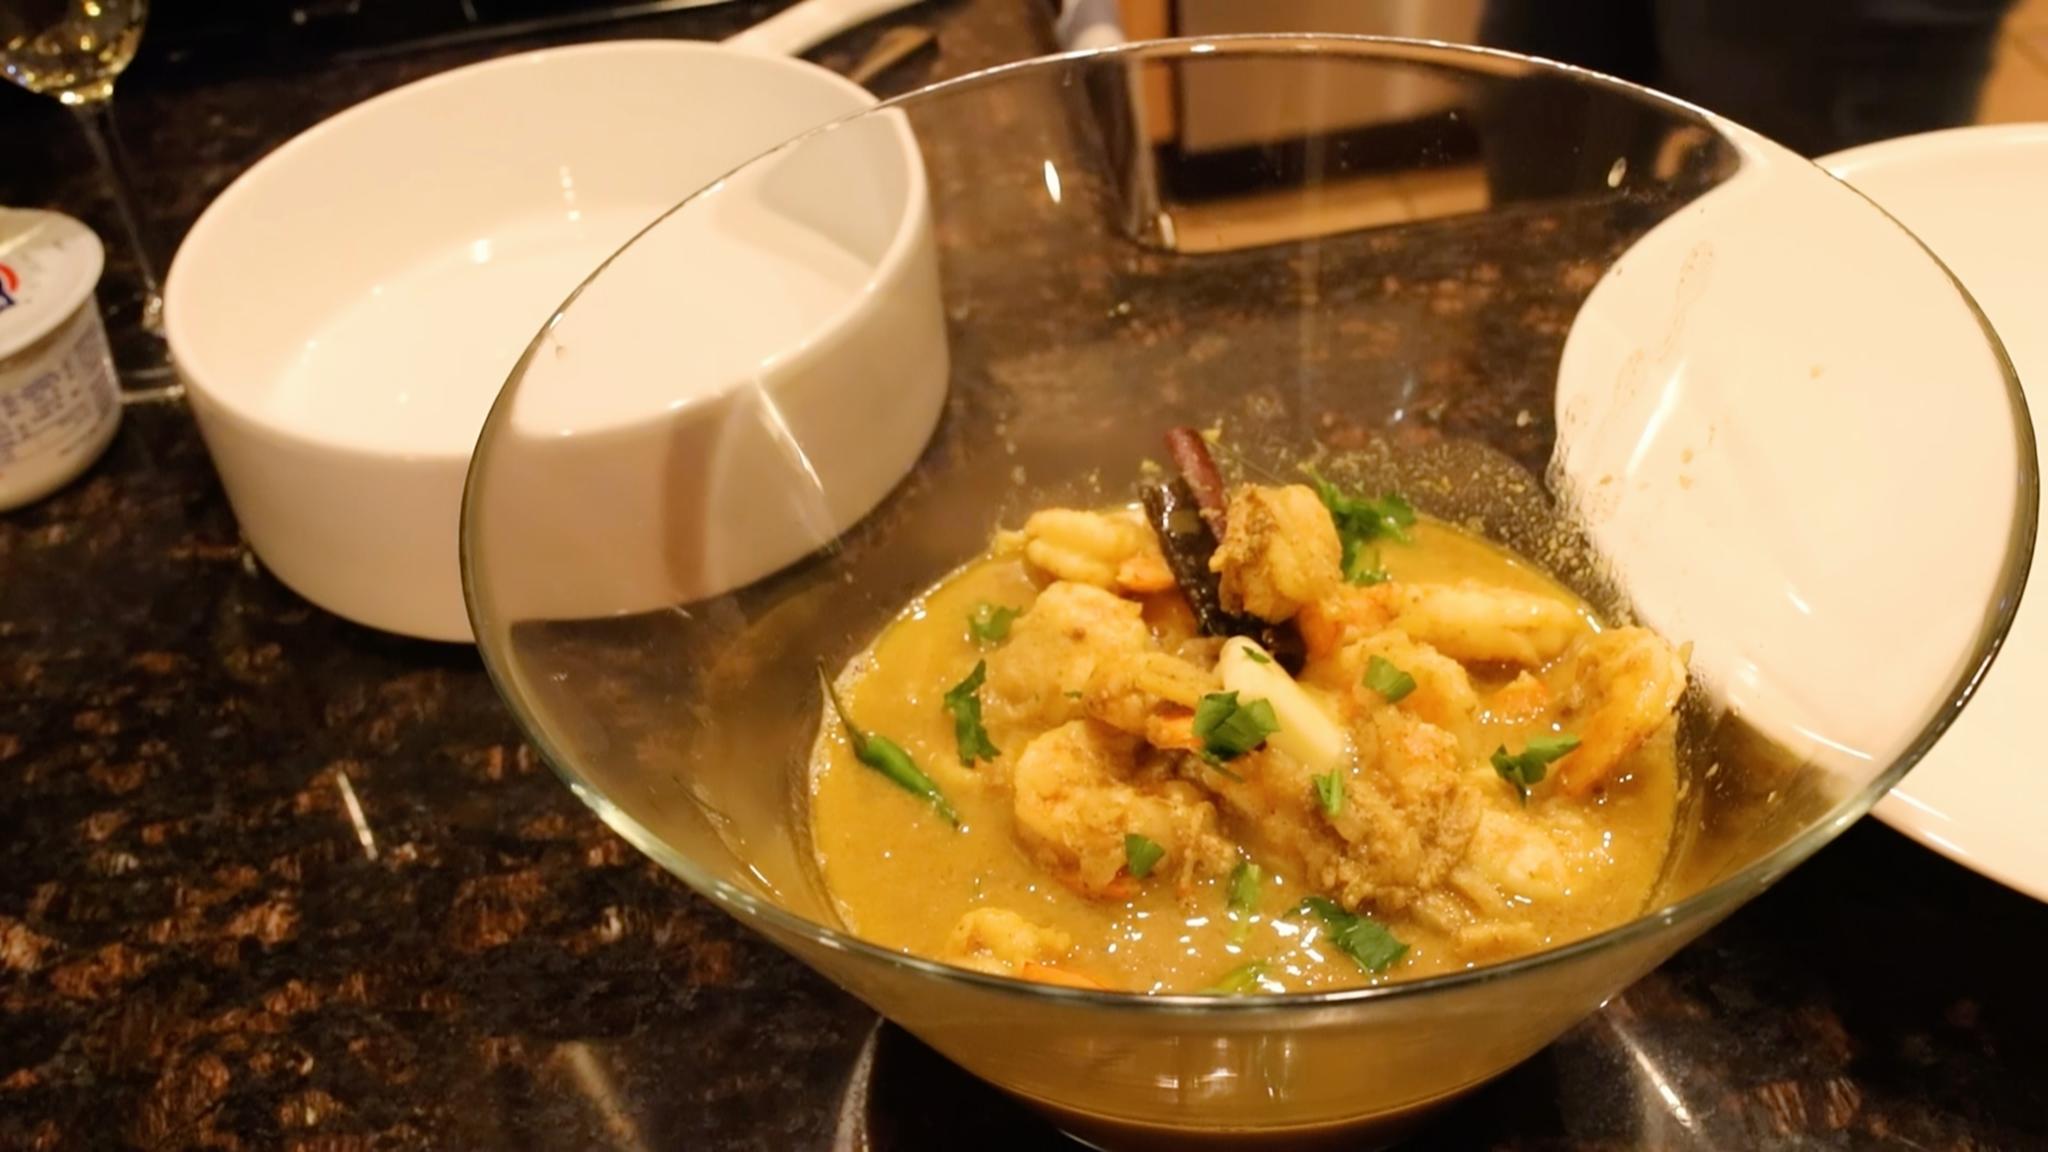 The final dish - Bengali Shrimp Curry.